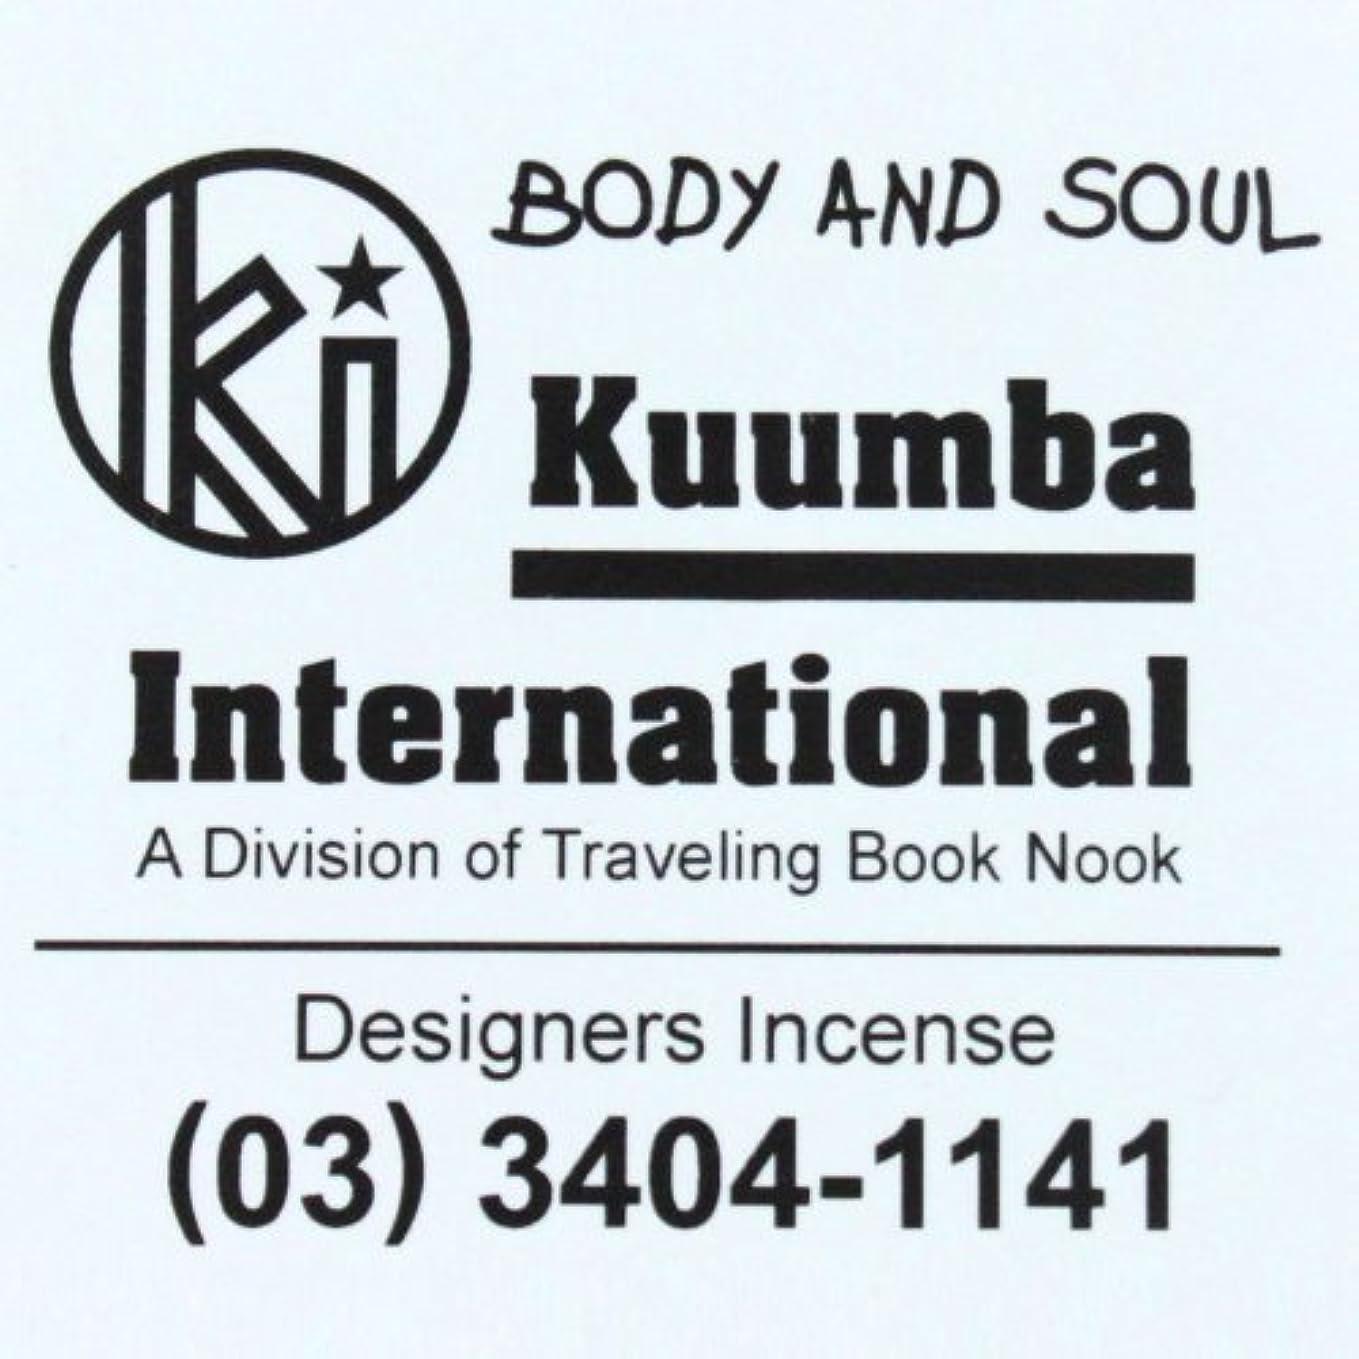 小さいペニー革新KUUMBA (クンバ)『incense』(BODY AND SOUL) (Regular size)